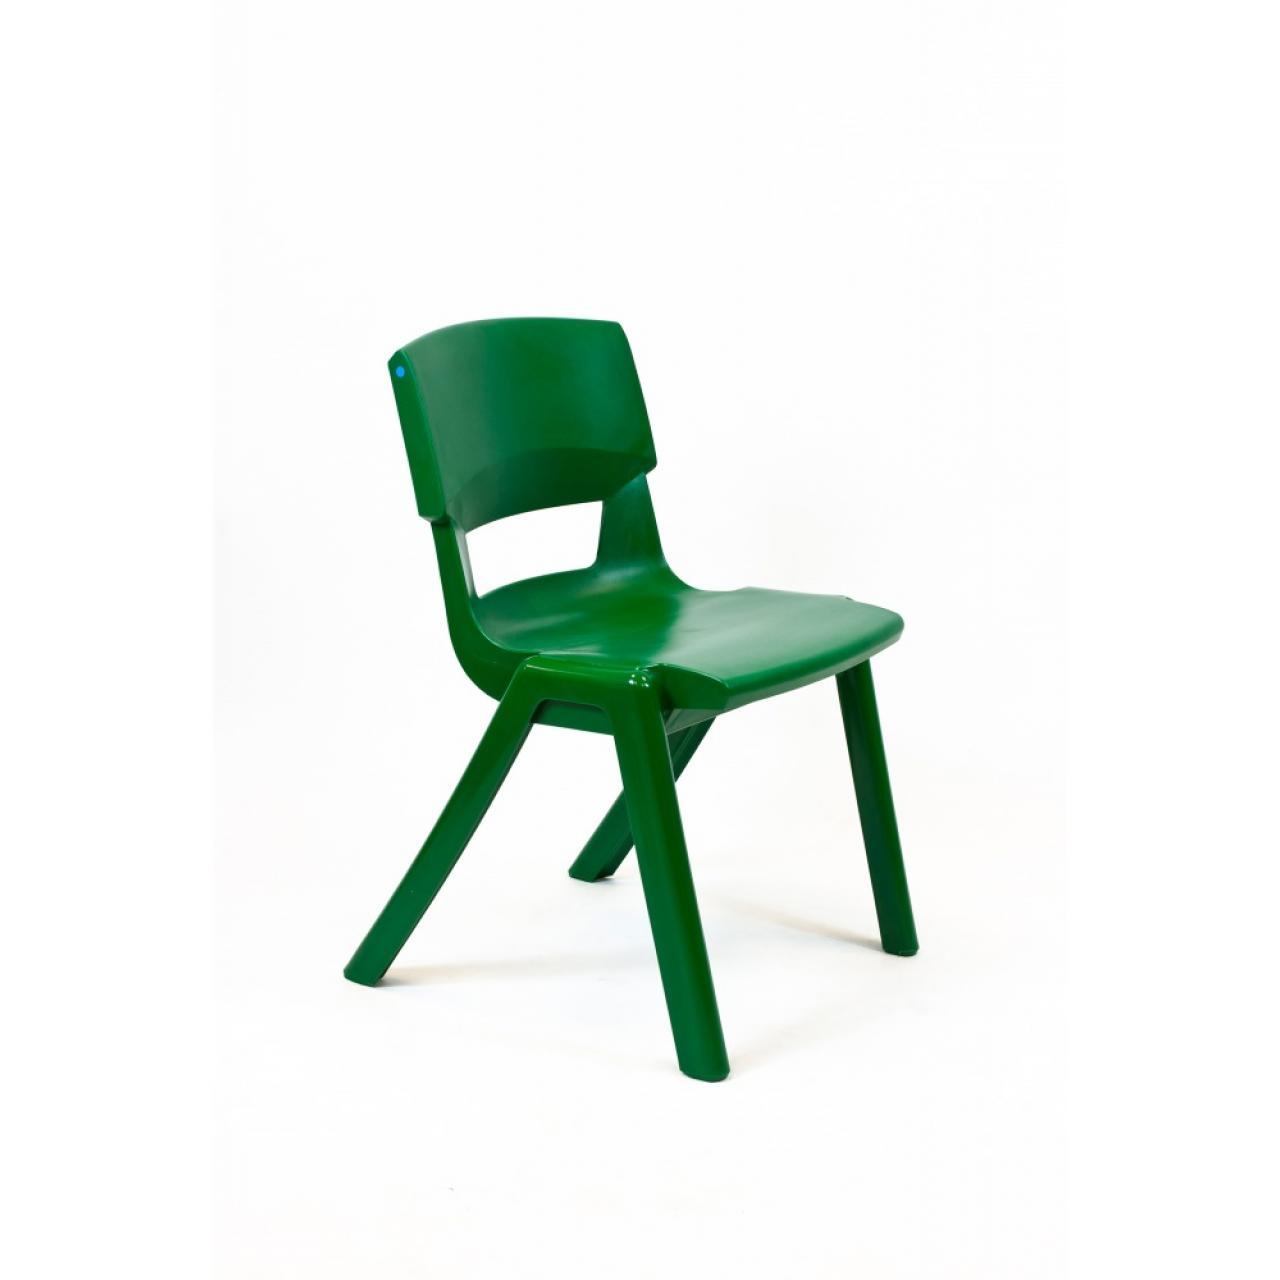 Stapelstuhl Postura grün robust pflegeleicht Kunststoff In- & Outdoor